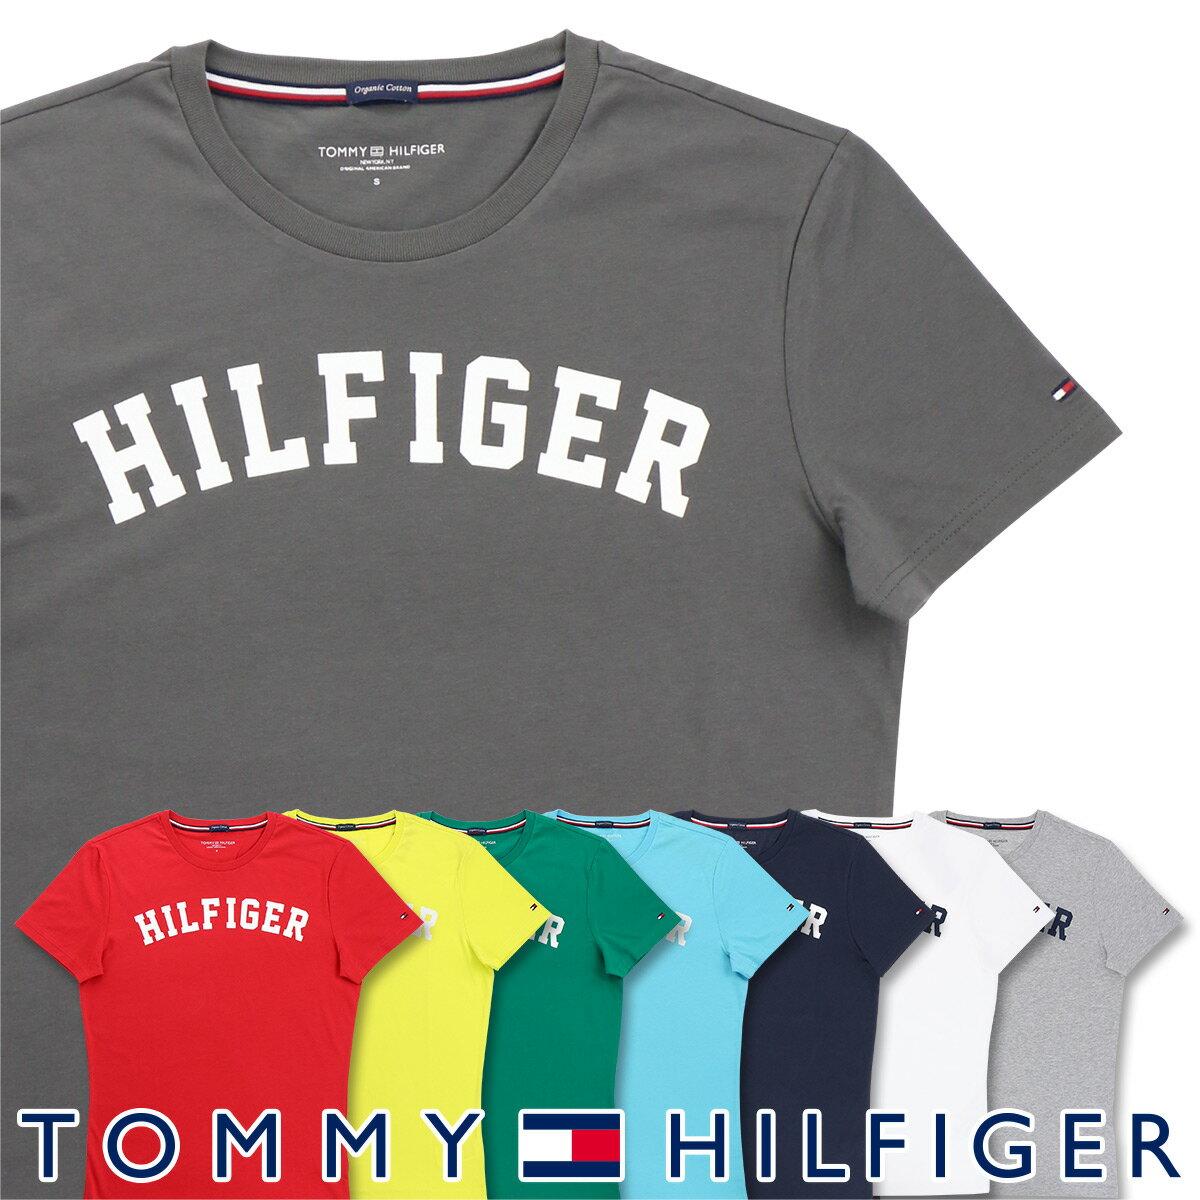 【郵送160円】セール!50%OFFTOMMY HILFIGER|トミーヒルフィガークルーネック 半袖 ロゴ Tシャツ綿 オーガニックコットン 100%男性 メンズ プレゼント 贈答 ギフト5337-0054ポイント10倍